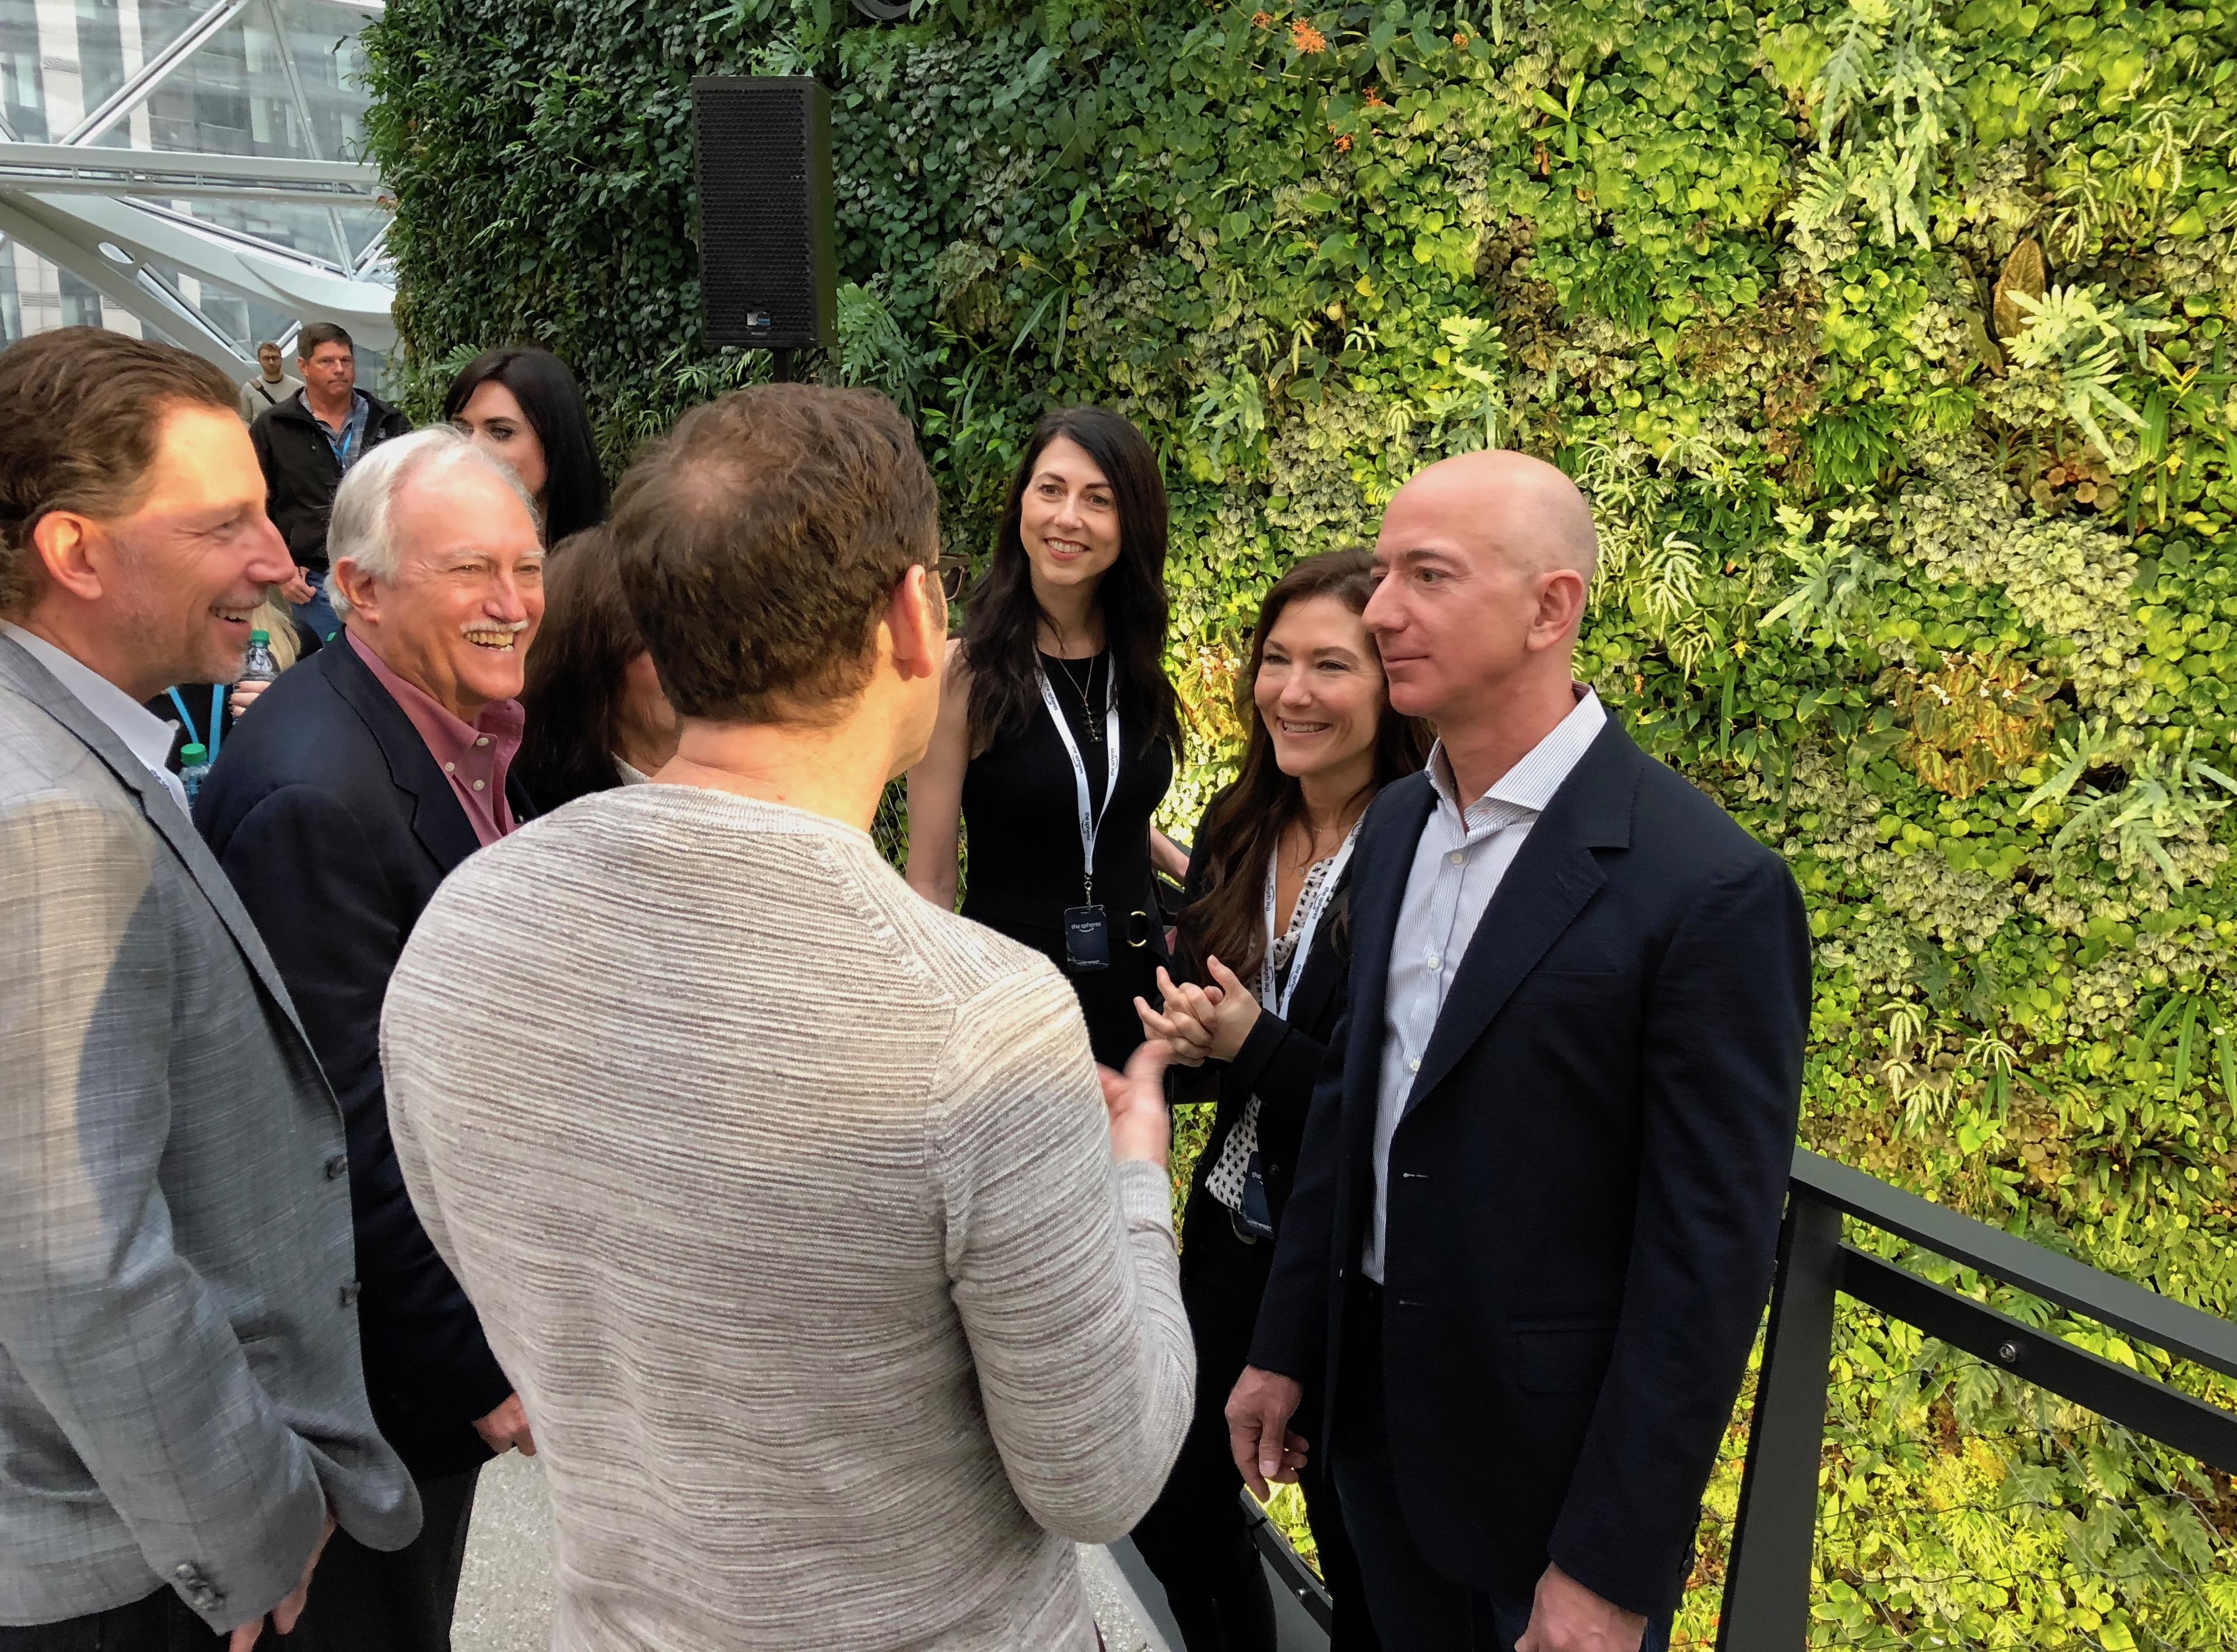 Chia cho vợ cũ 25% cổ phần của Amazon, Jeff Bezos vẫn giàu nhất thế giới